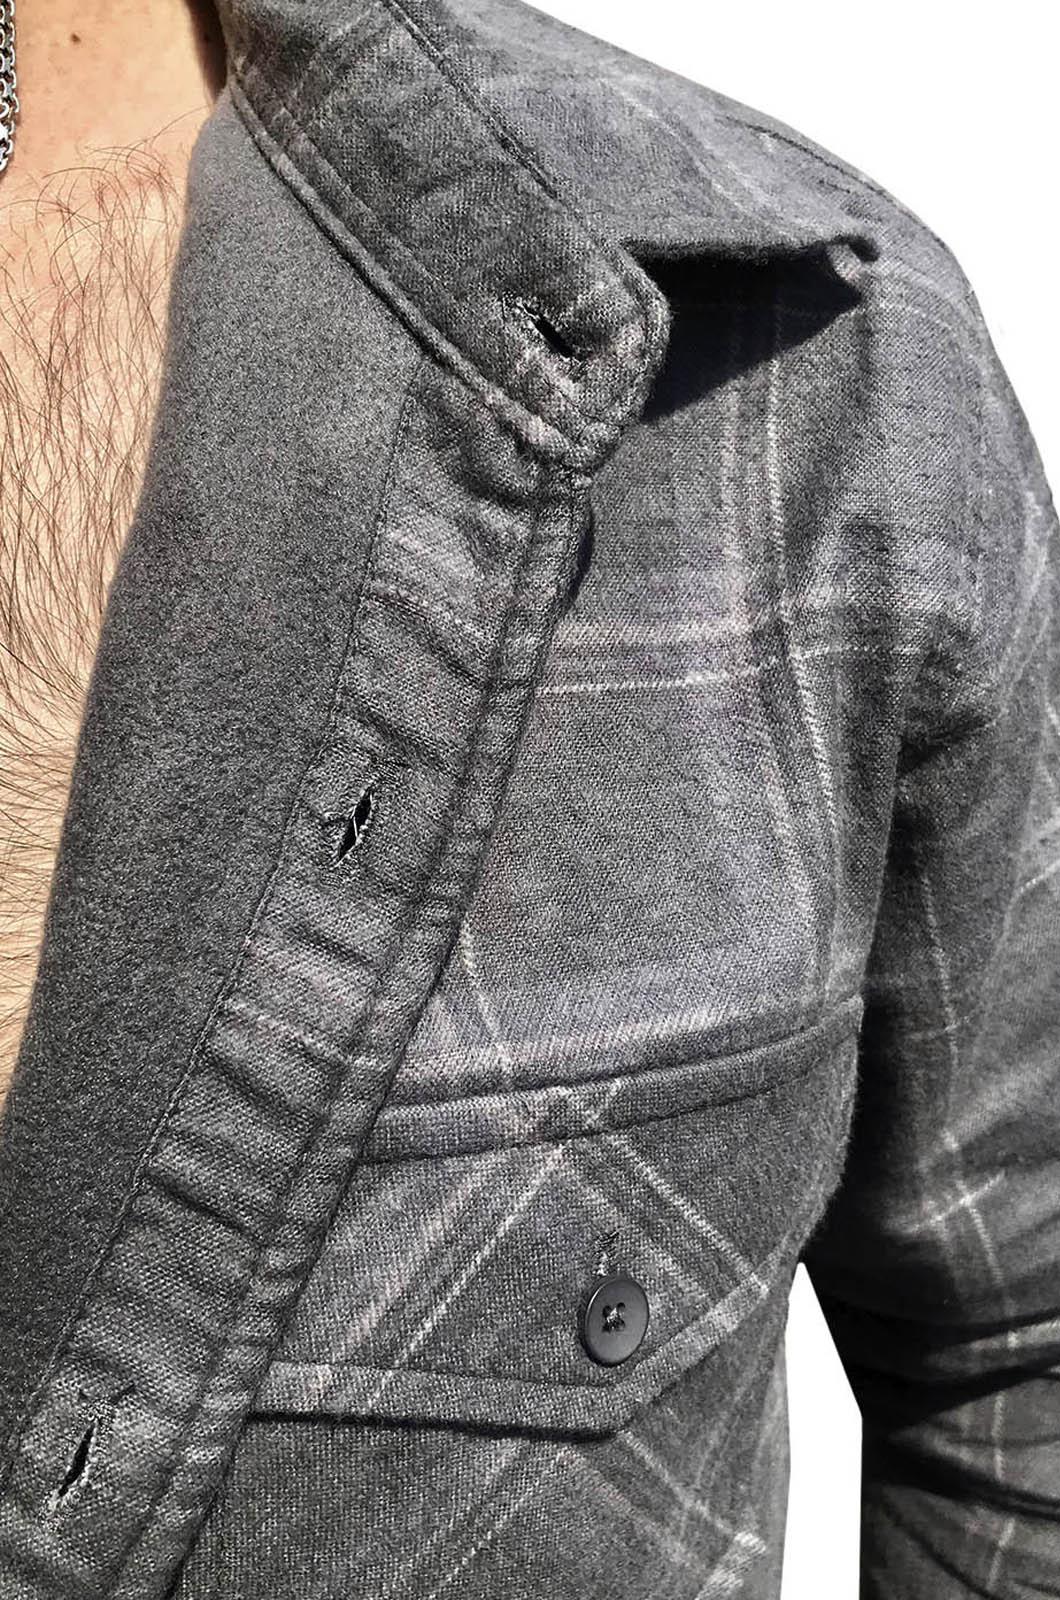 Рубашка с пограничным шевроном купить выгодно